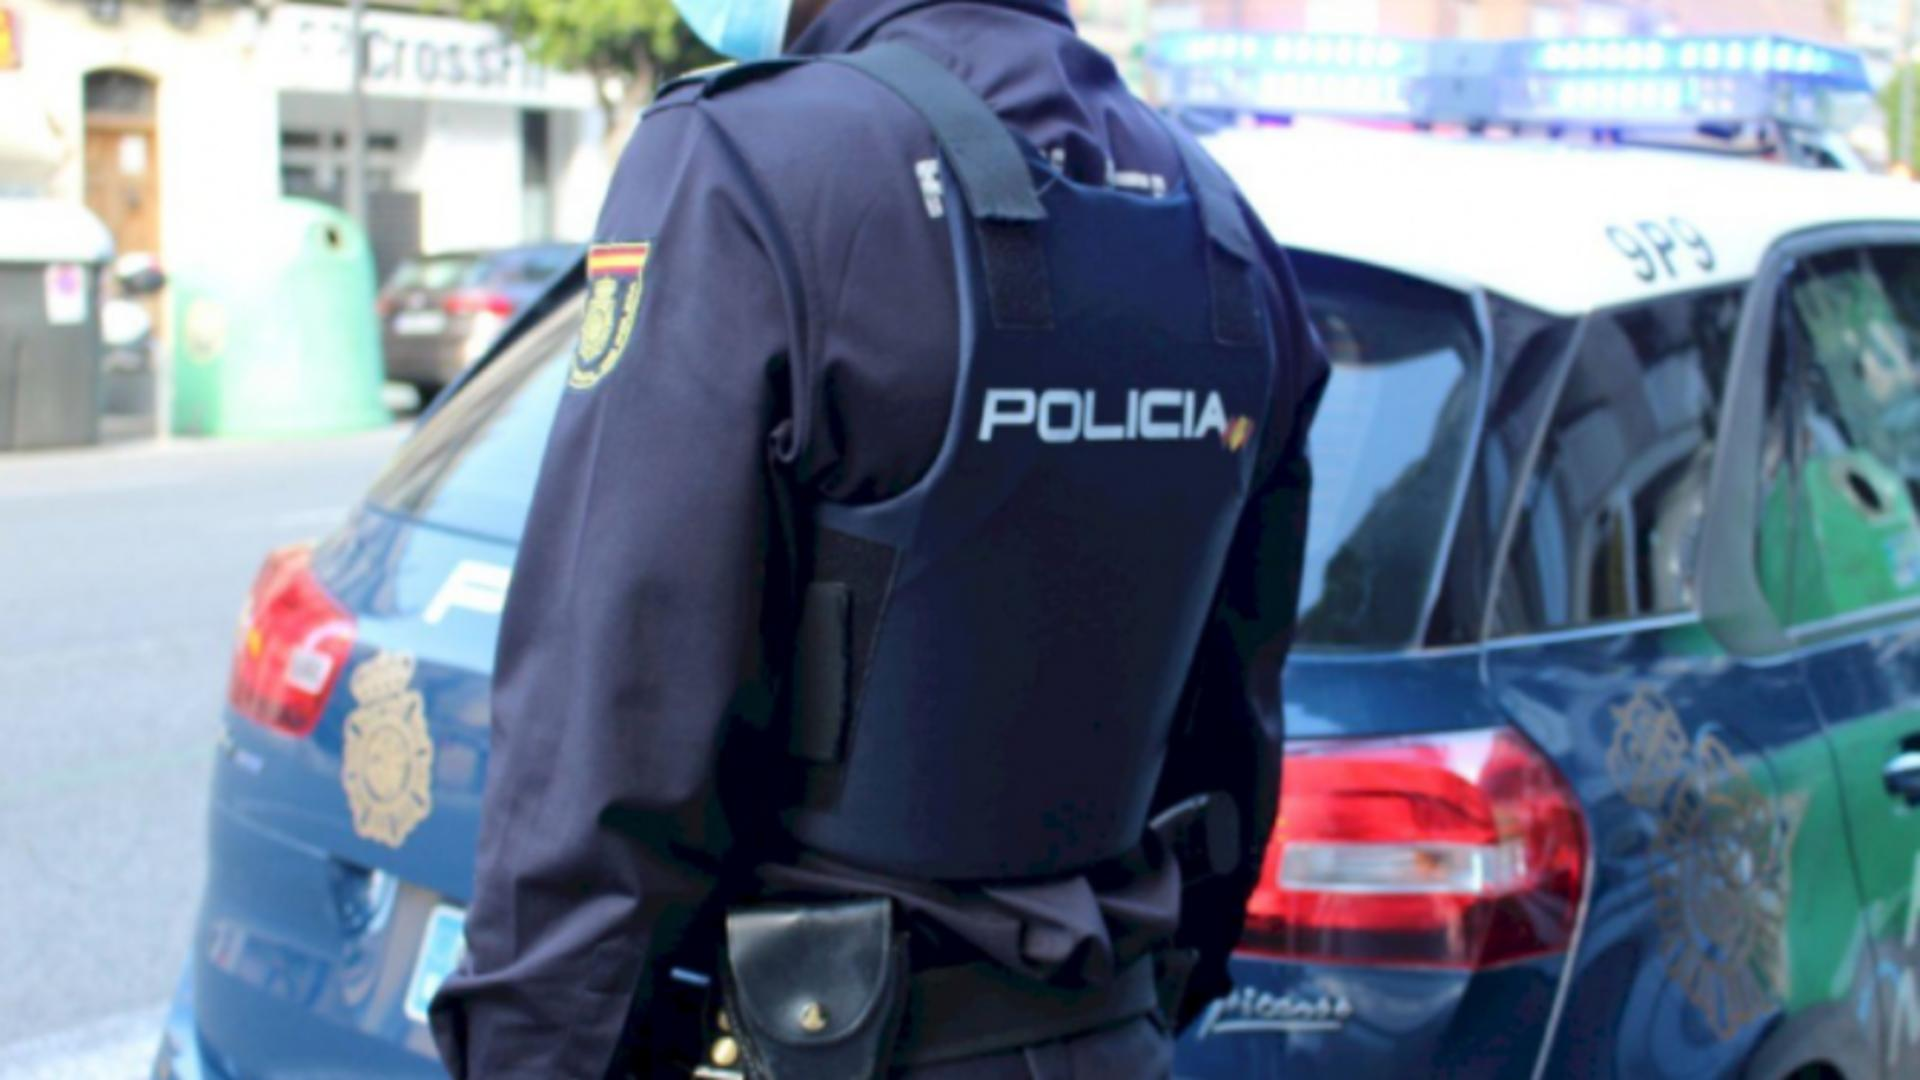 Un român a strâns de gât un minor și i-a furat telefonul mobil